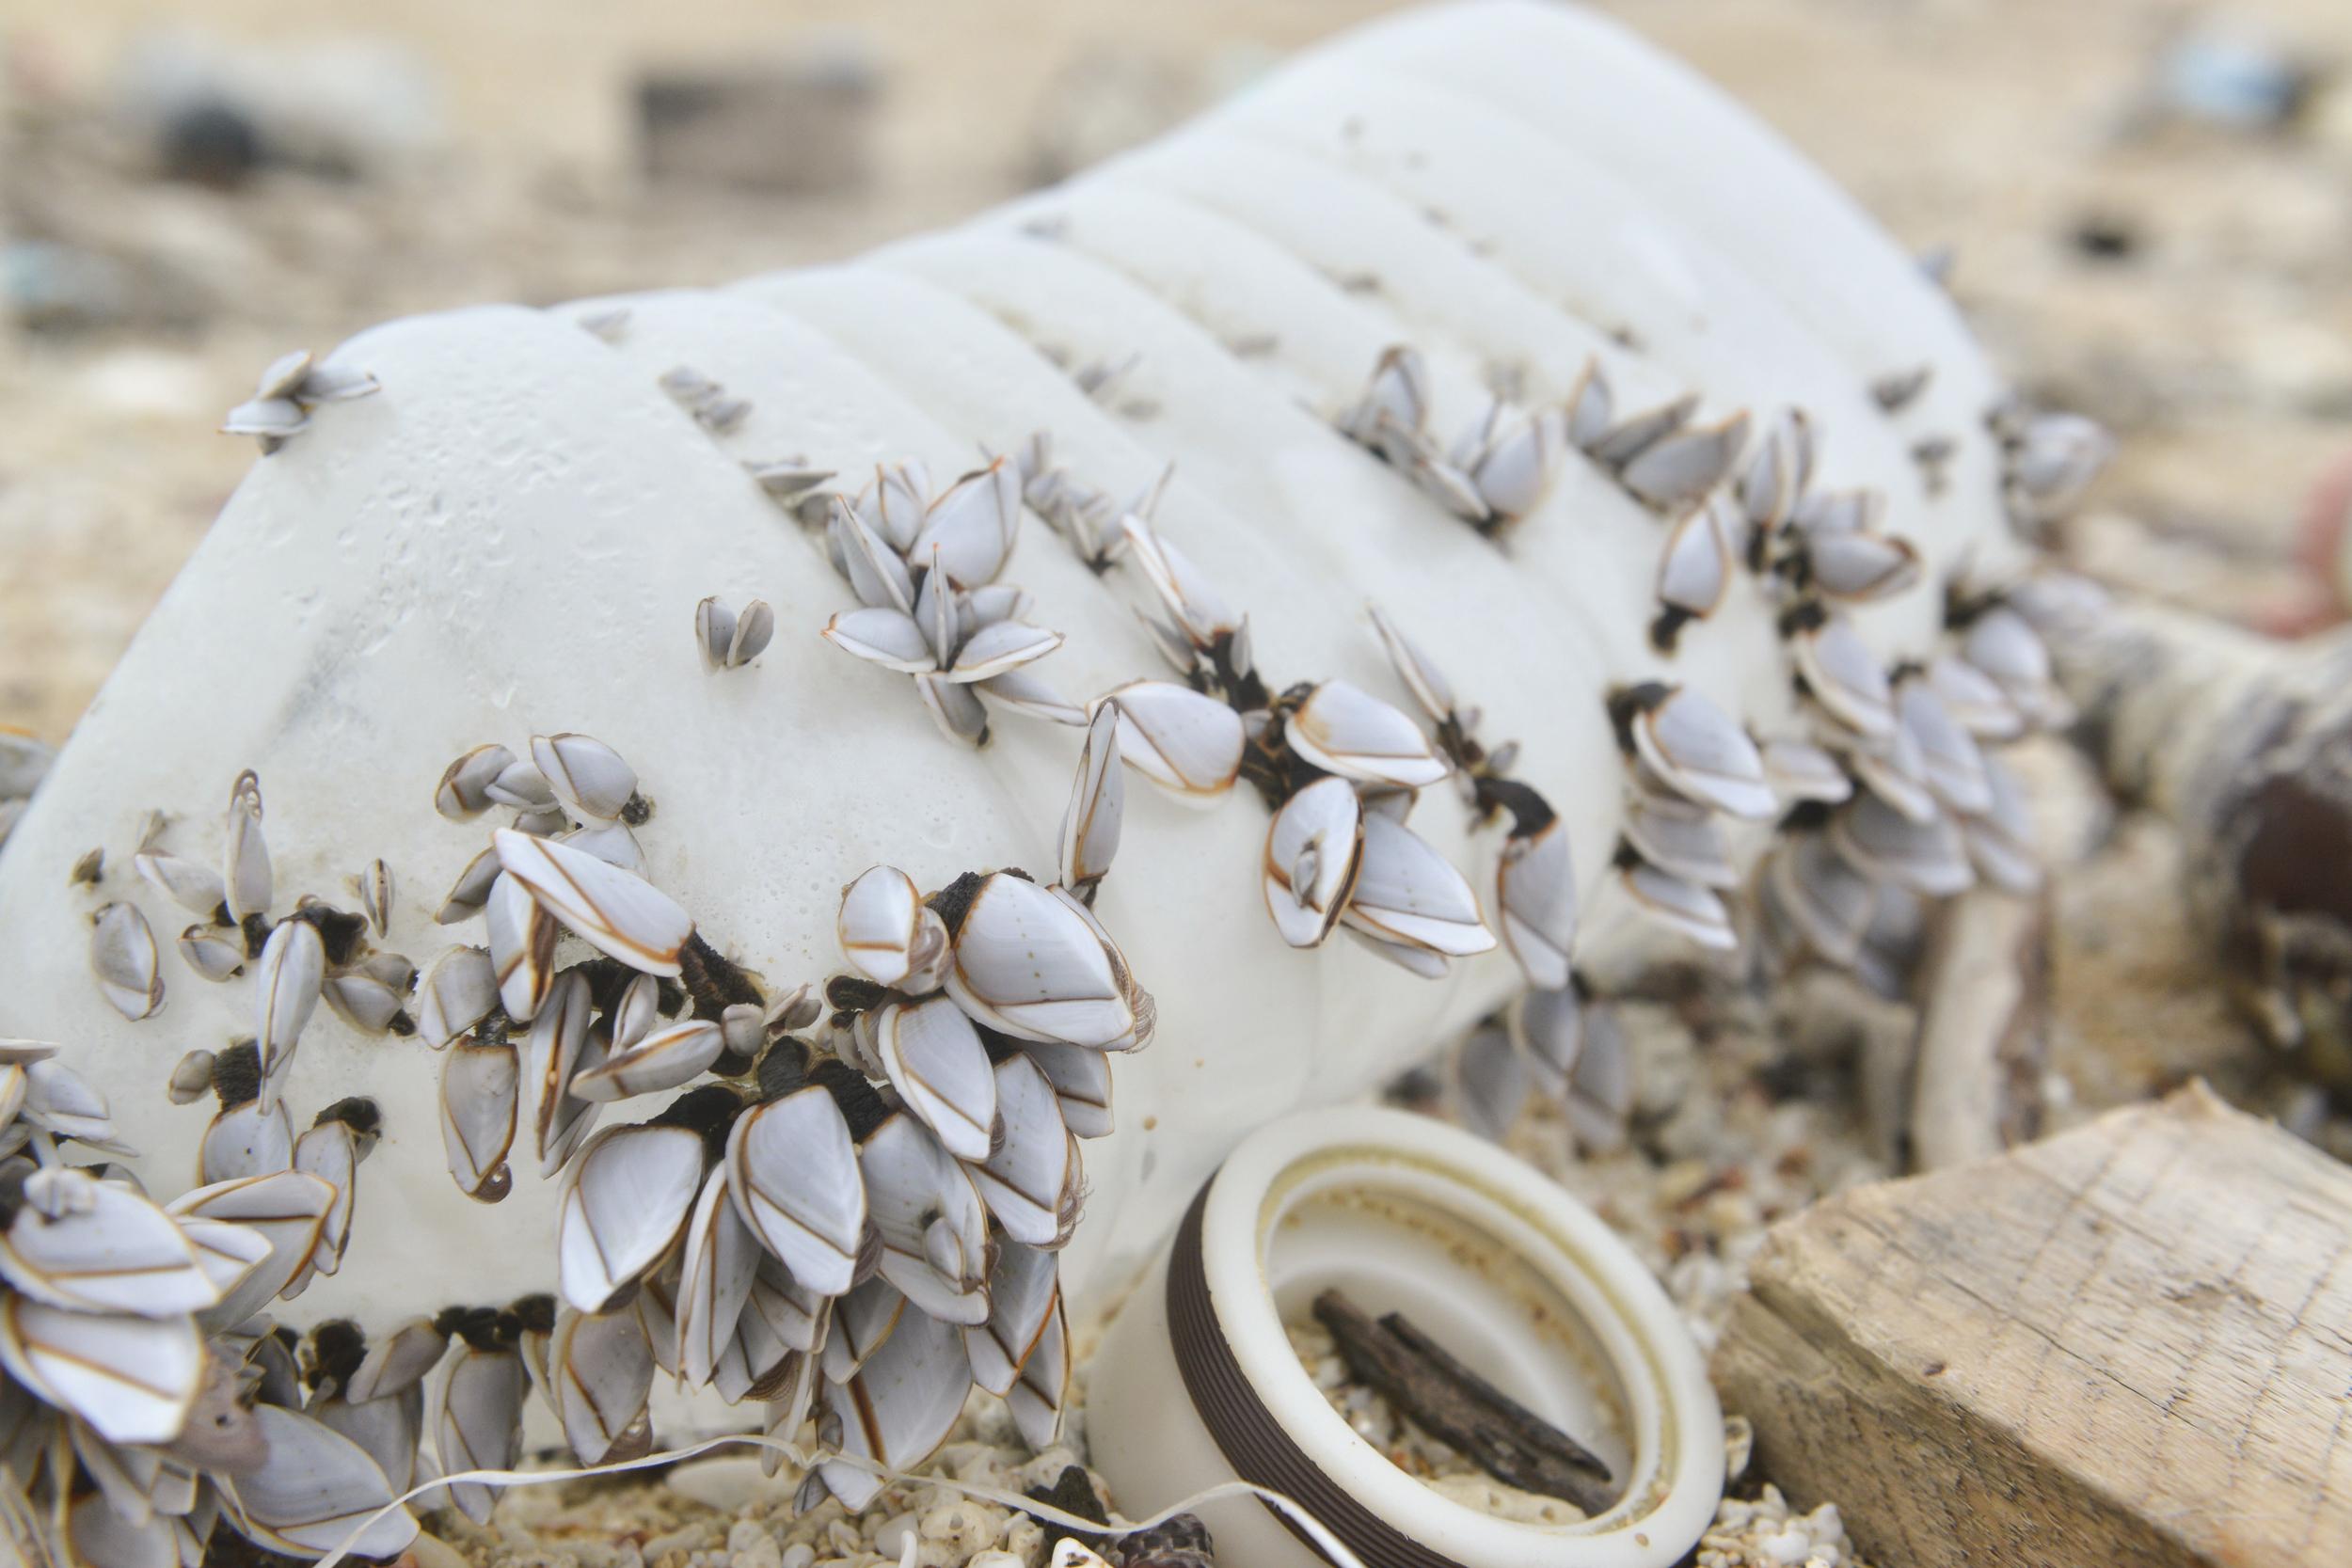 原本應該附著在岩石或珊瑚礁上的貝類,竟生長在塑膠上,顯見塑膠廢棄物已對海洋生態造成影響。